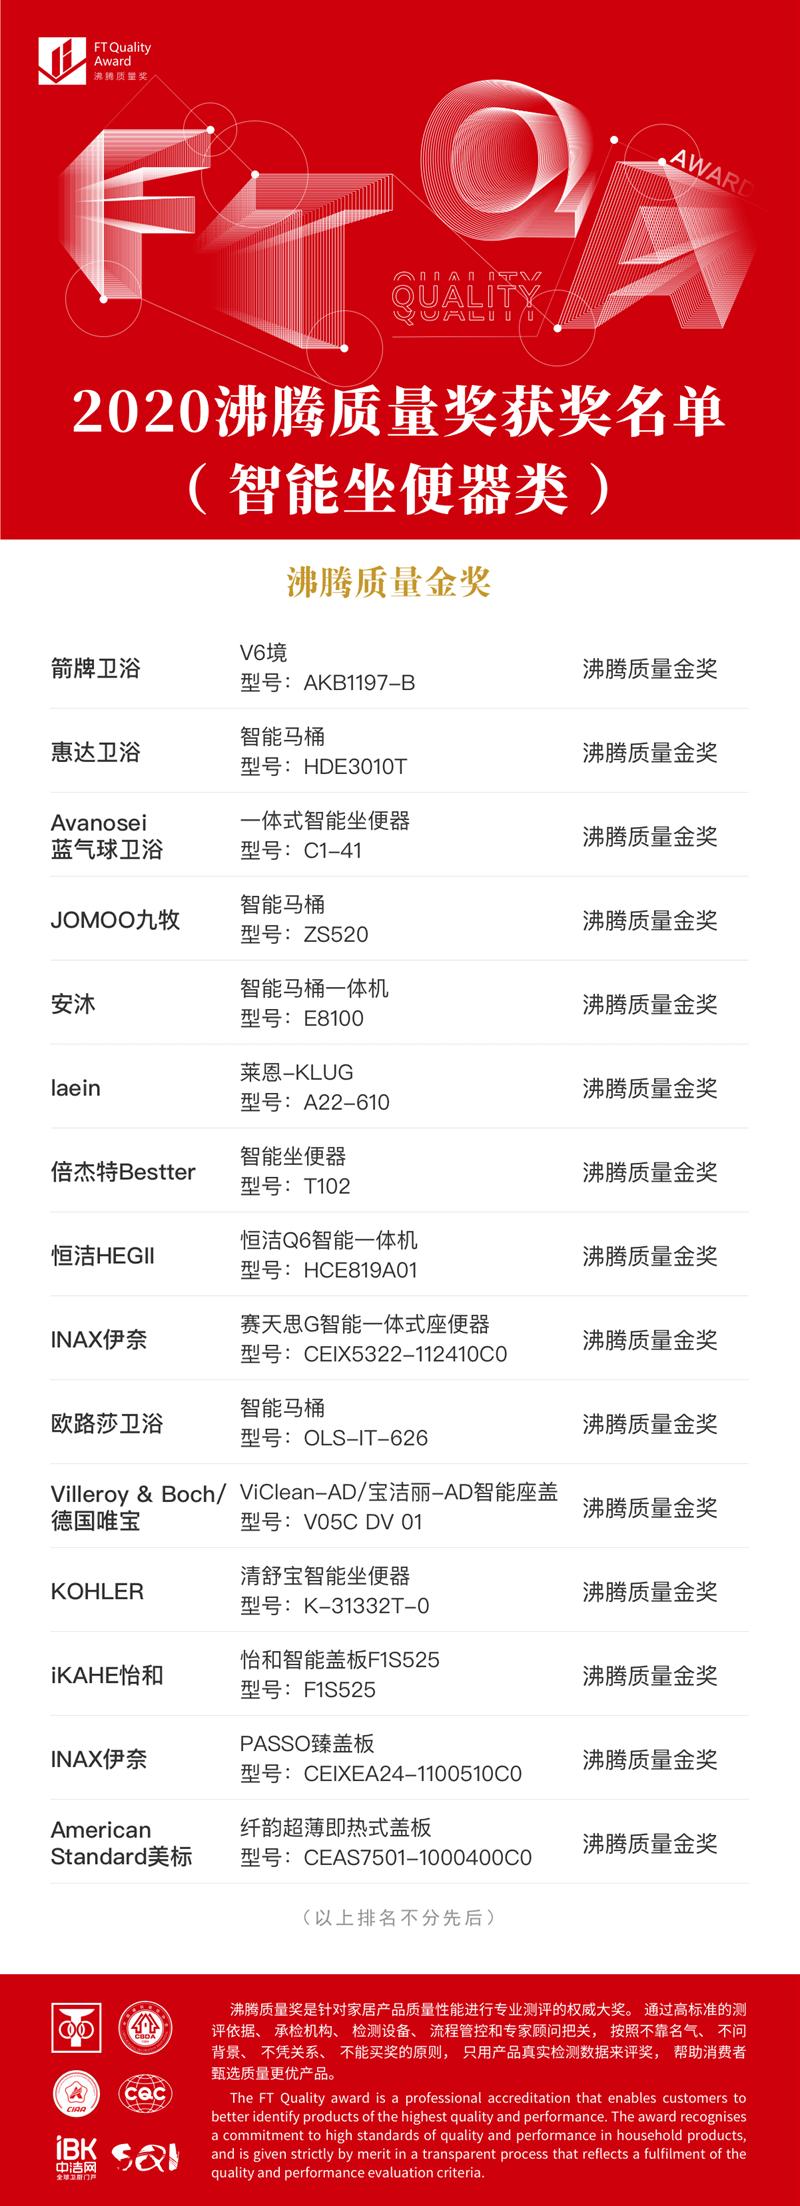 1 沸腾质量奖-智能坐便器-金奖_副本 (1).png